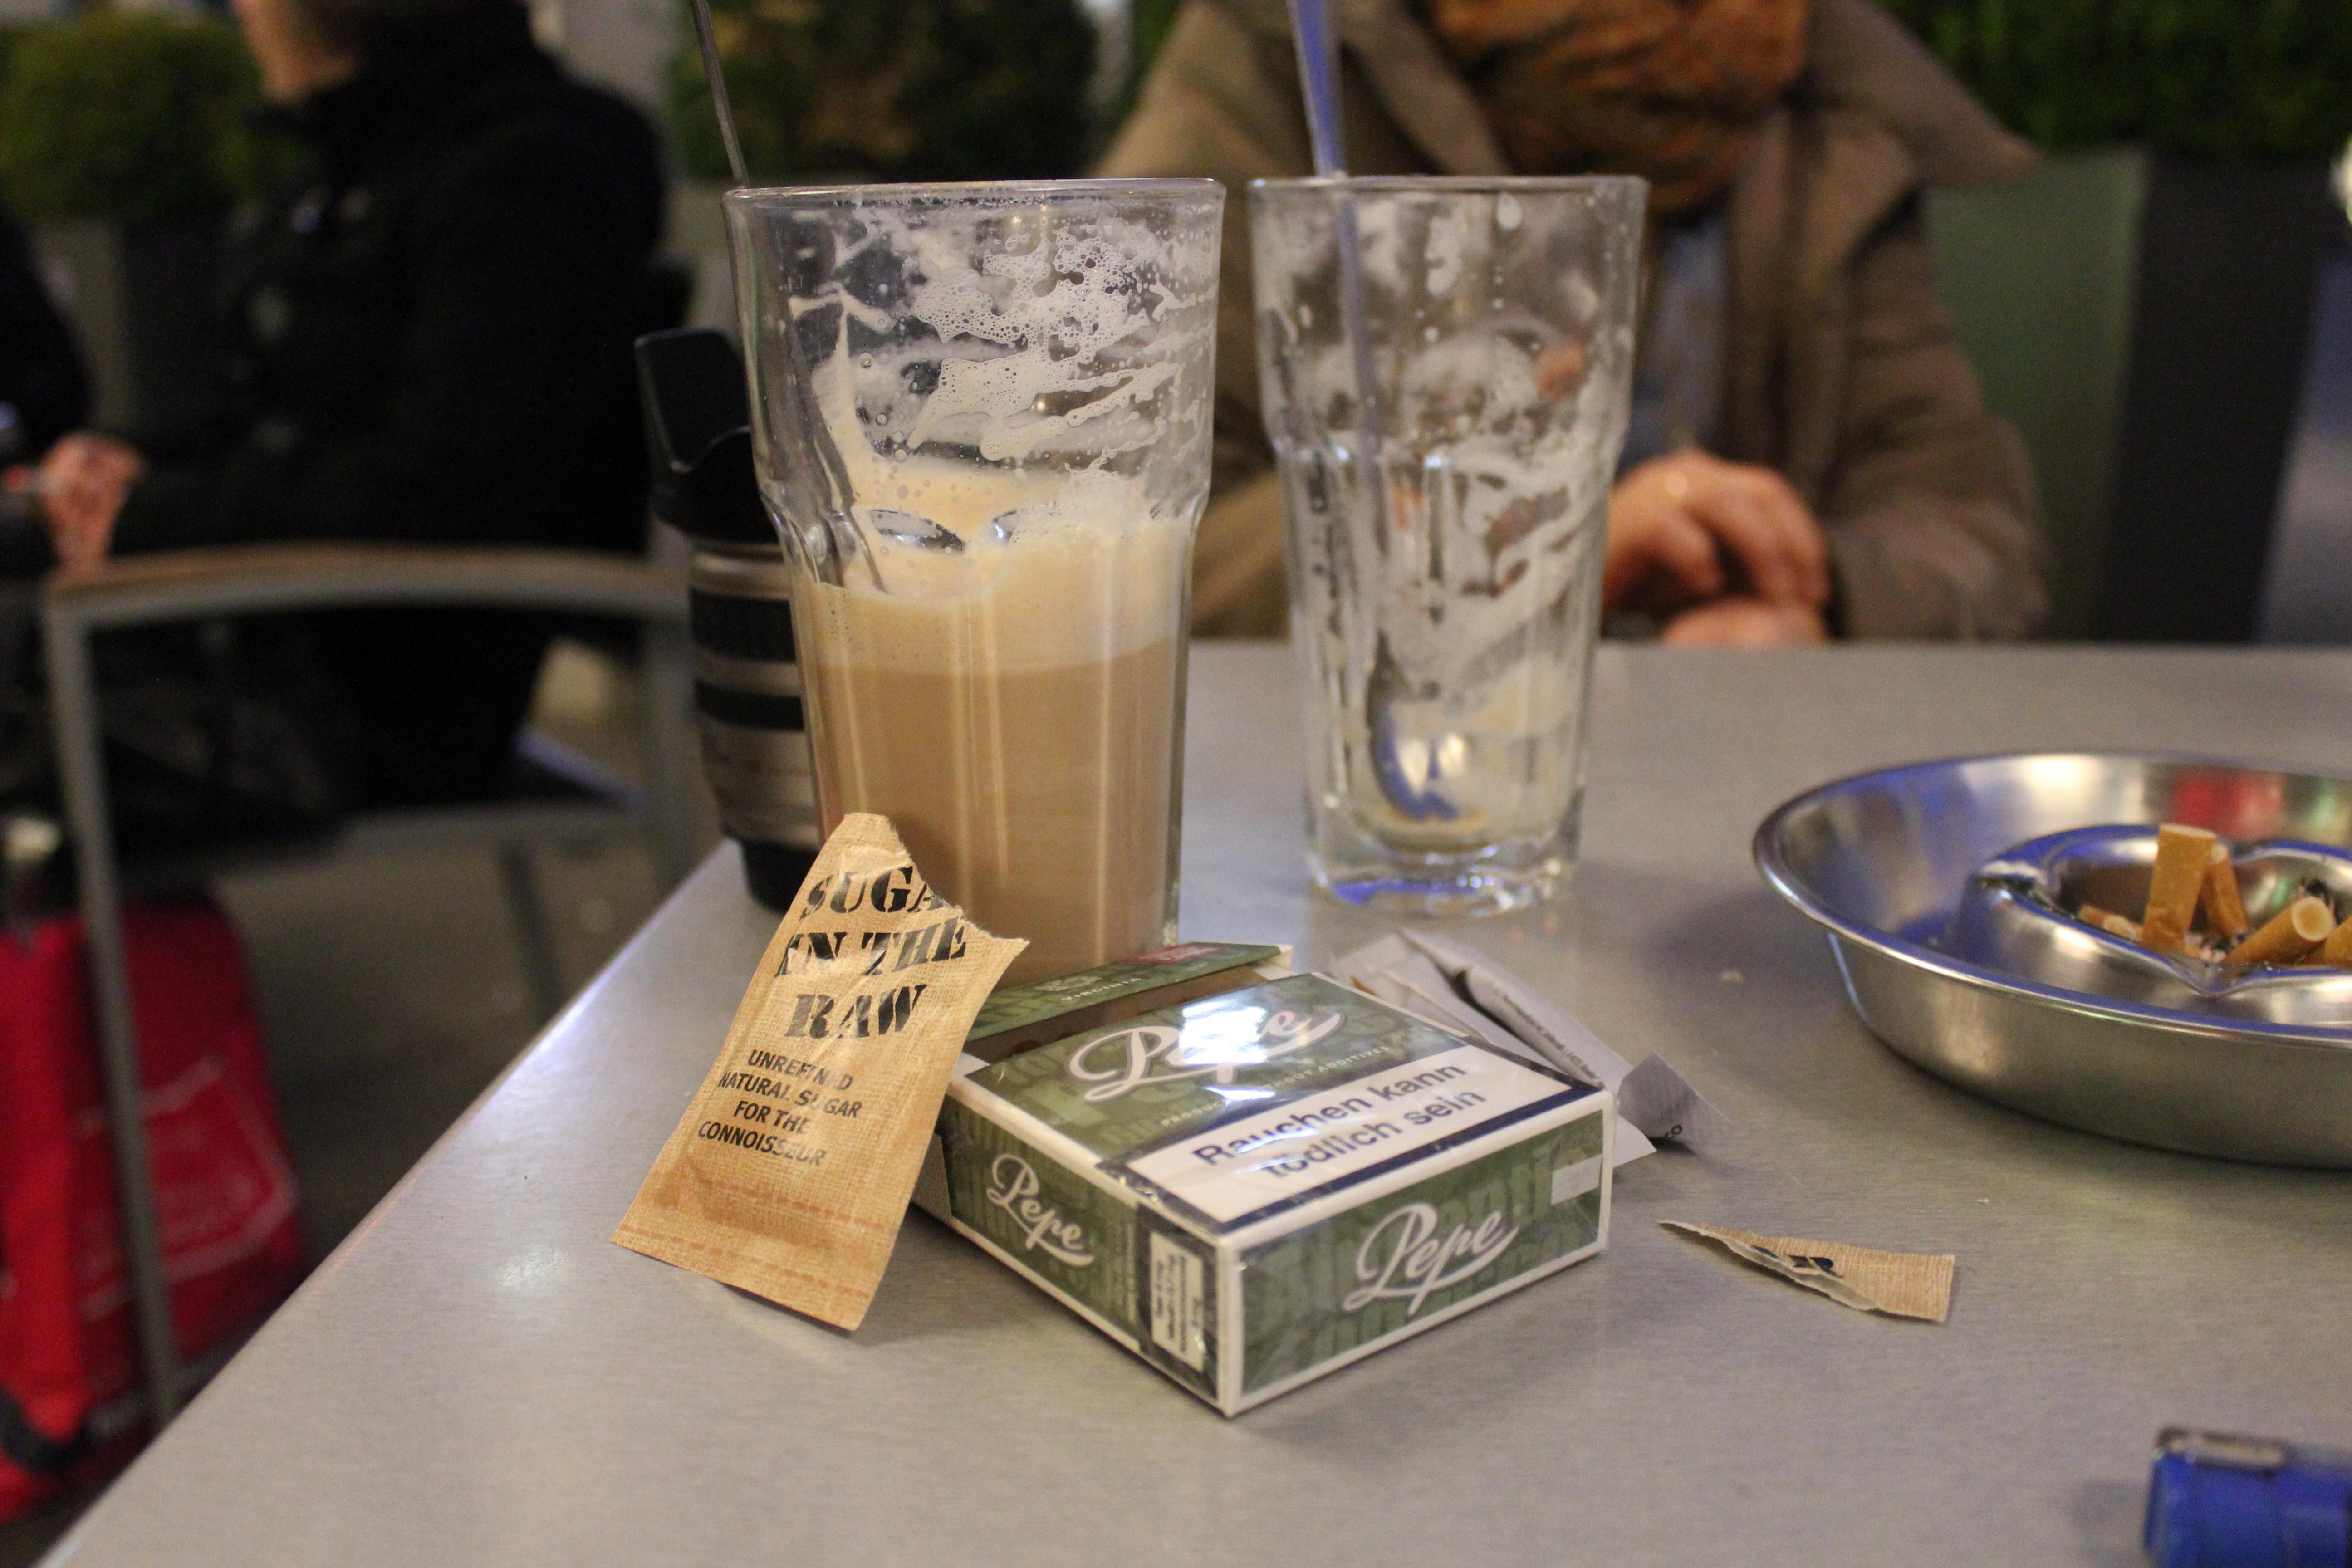 Latte Macchiato Brown Sugar And Pepe Cigarettes Cc0 Photo